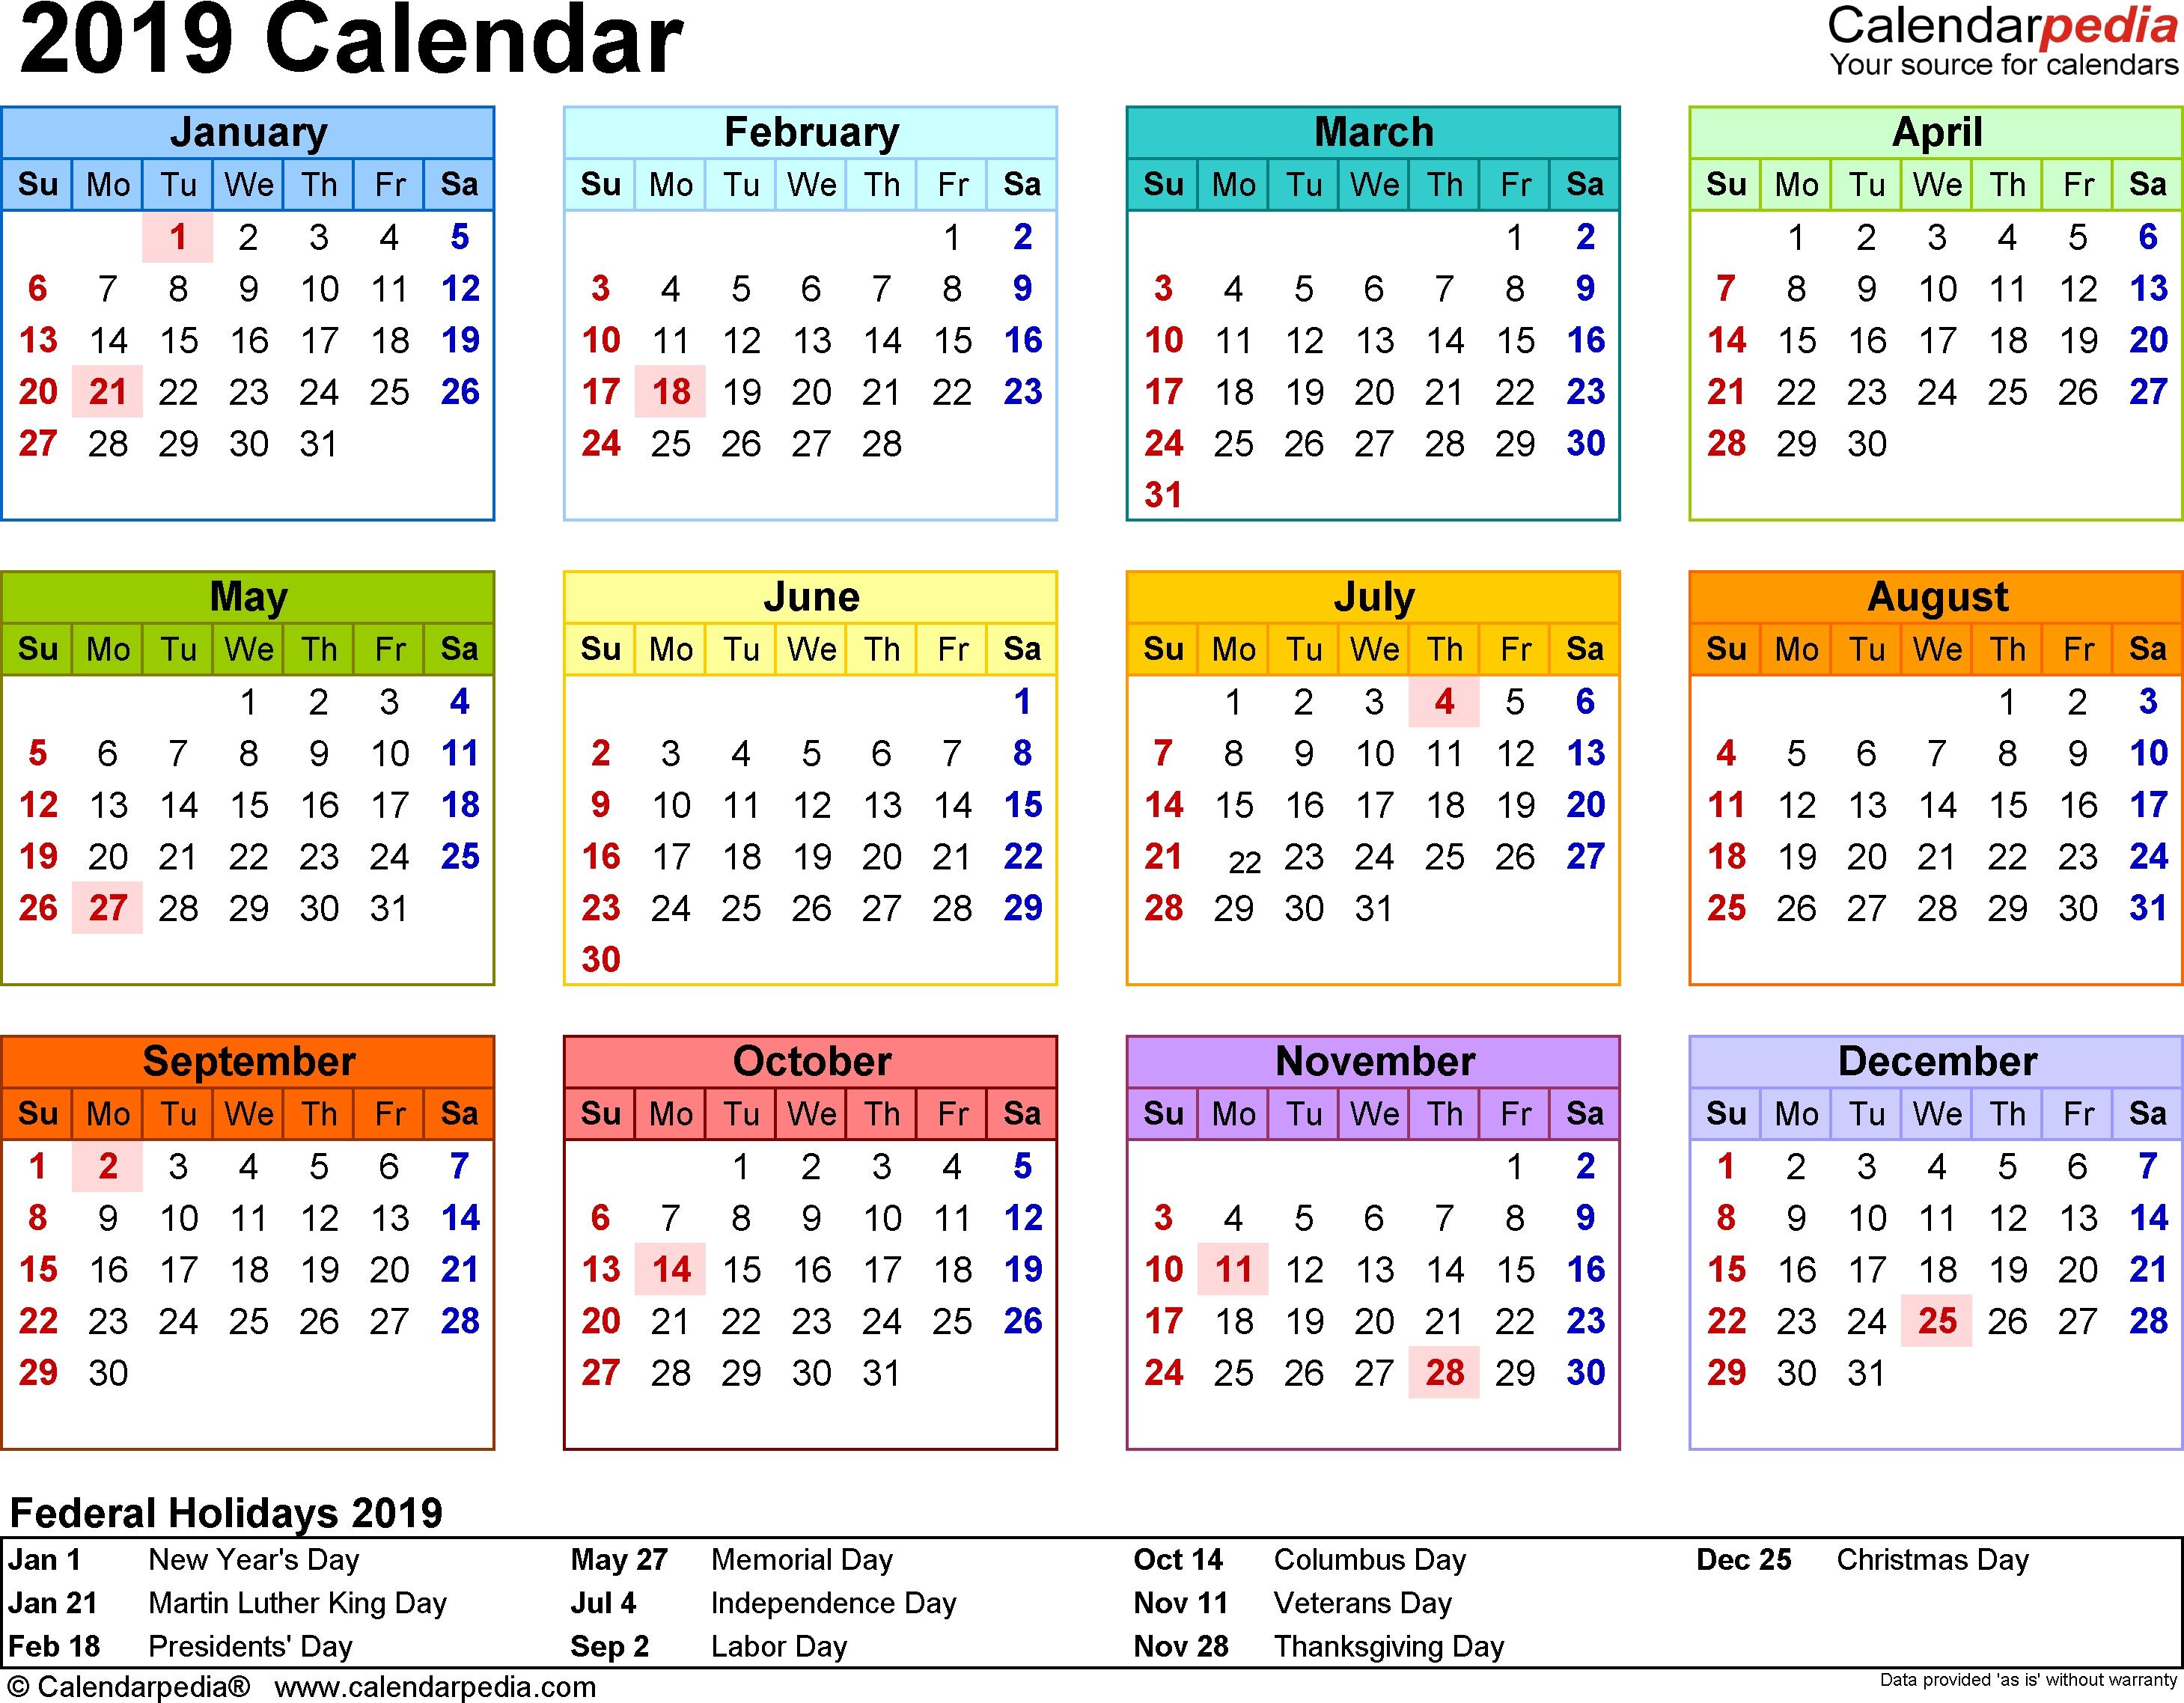 2019 Calendar - Free Printable Templates inside How To Print A Pocket Calander